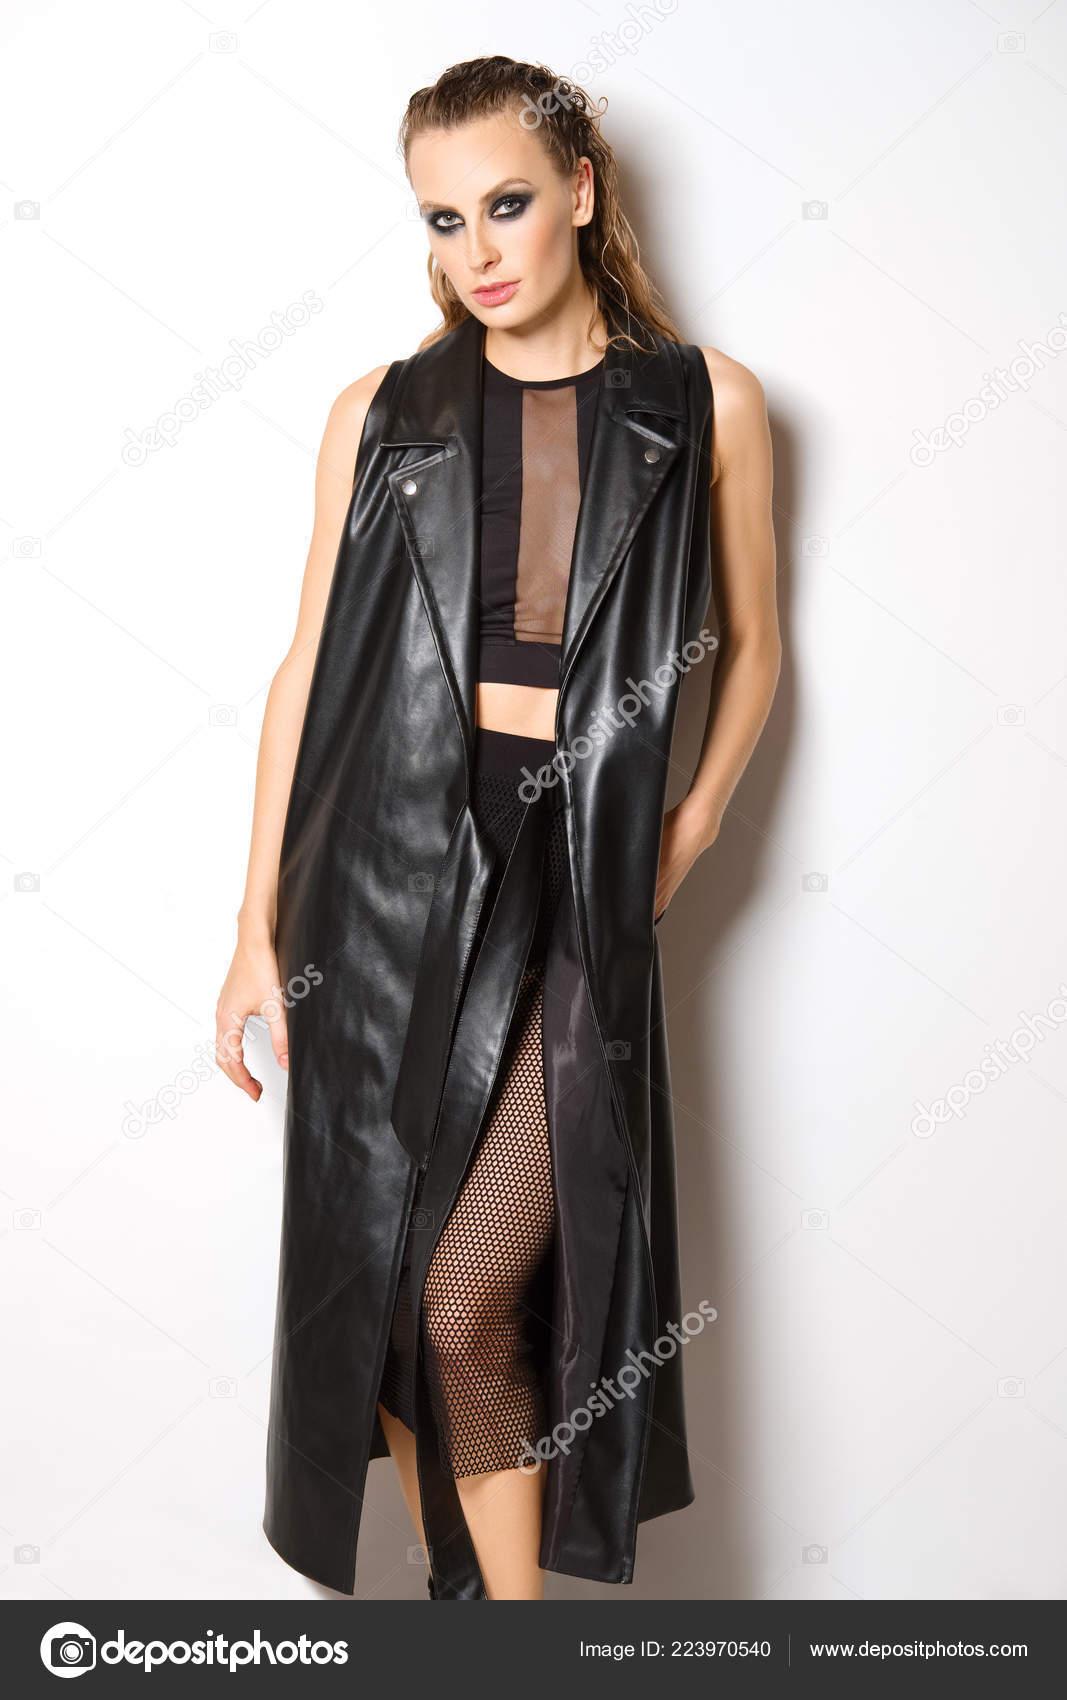 Όμορφη Κοπέλα Μαύρο Φόρεμα Δικτυωτό Στοιχεία Και Μανίκια Δερμάτινο Παλτό —  Φωτογραφία Αρχείου 69b871c22ef